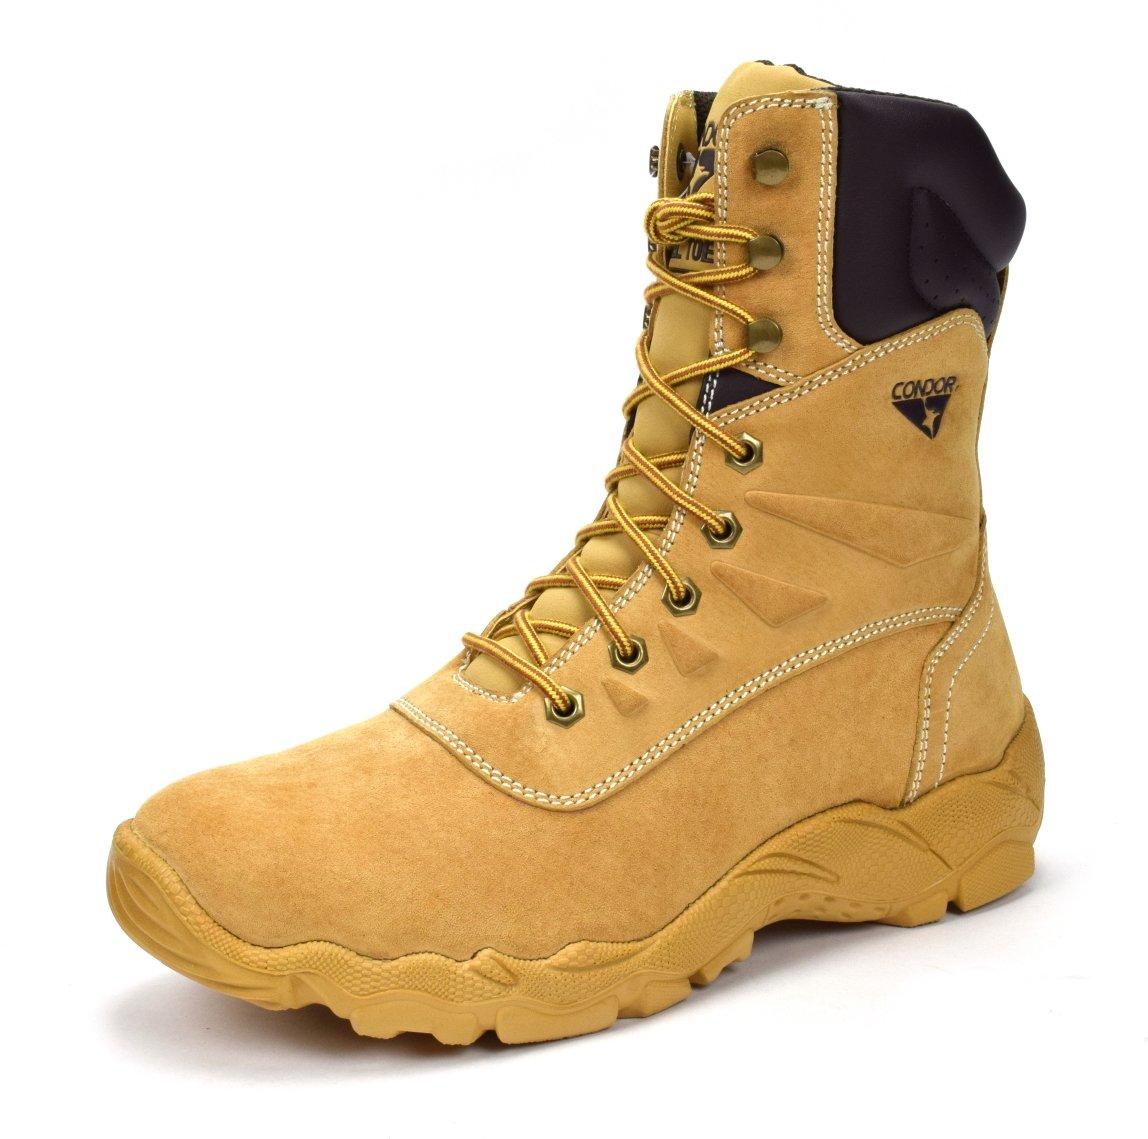 CONDOR Dakota Men's 8'' Steel Toe Work Boot - Tan, Size 10 E US